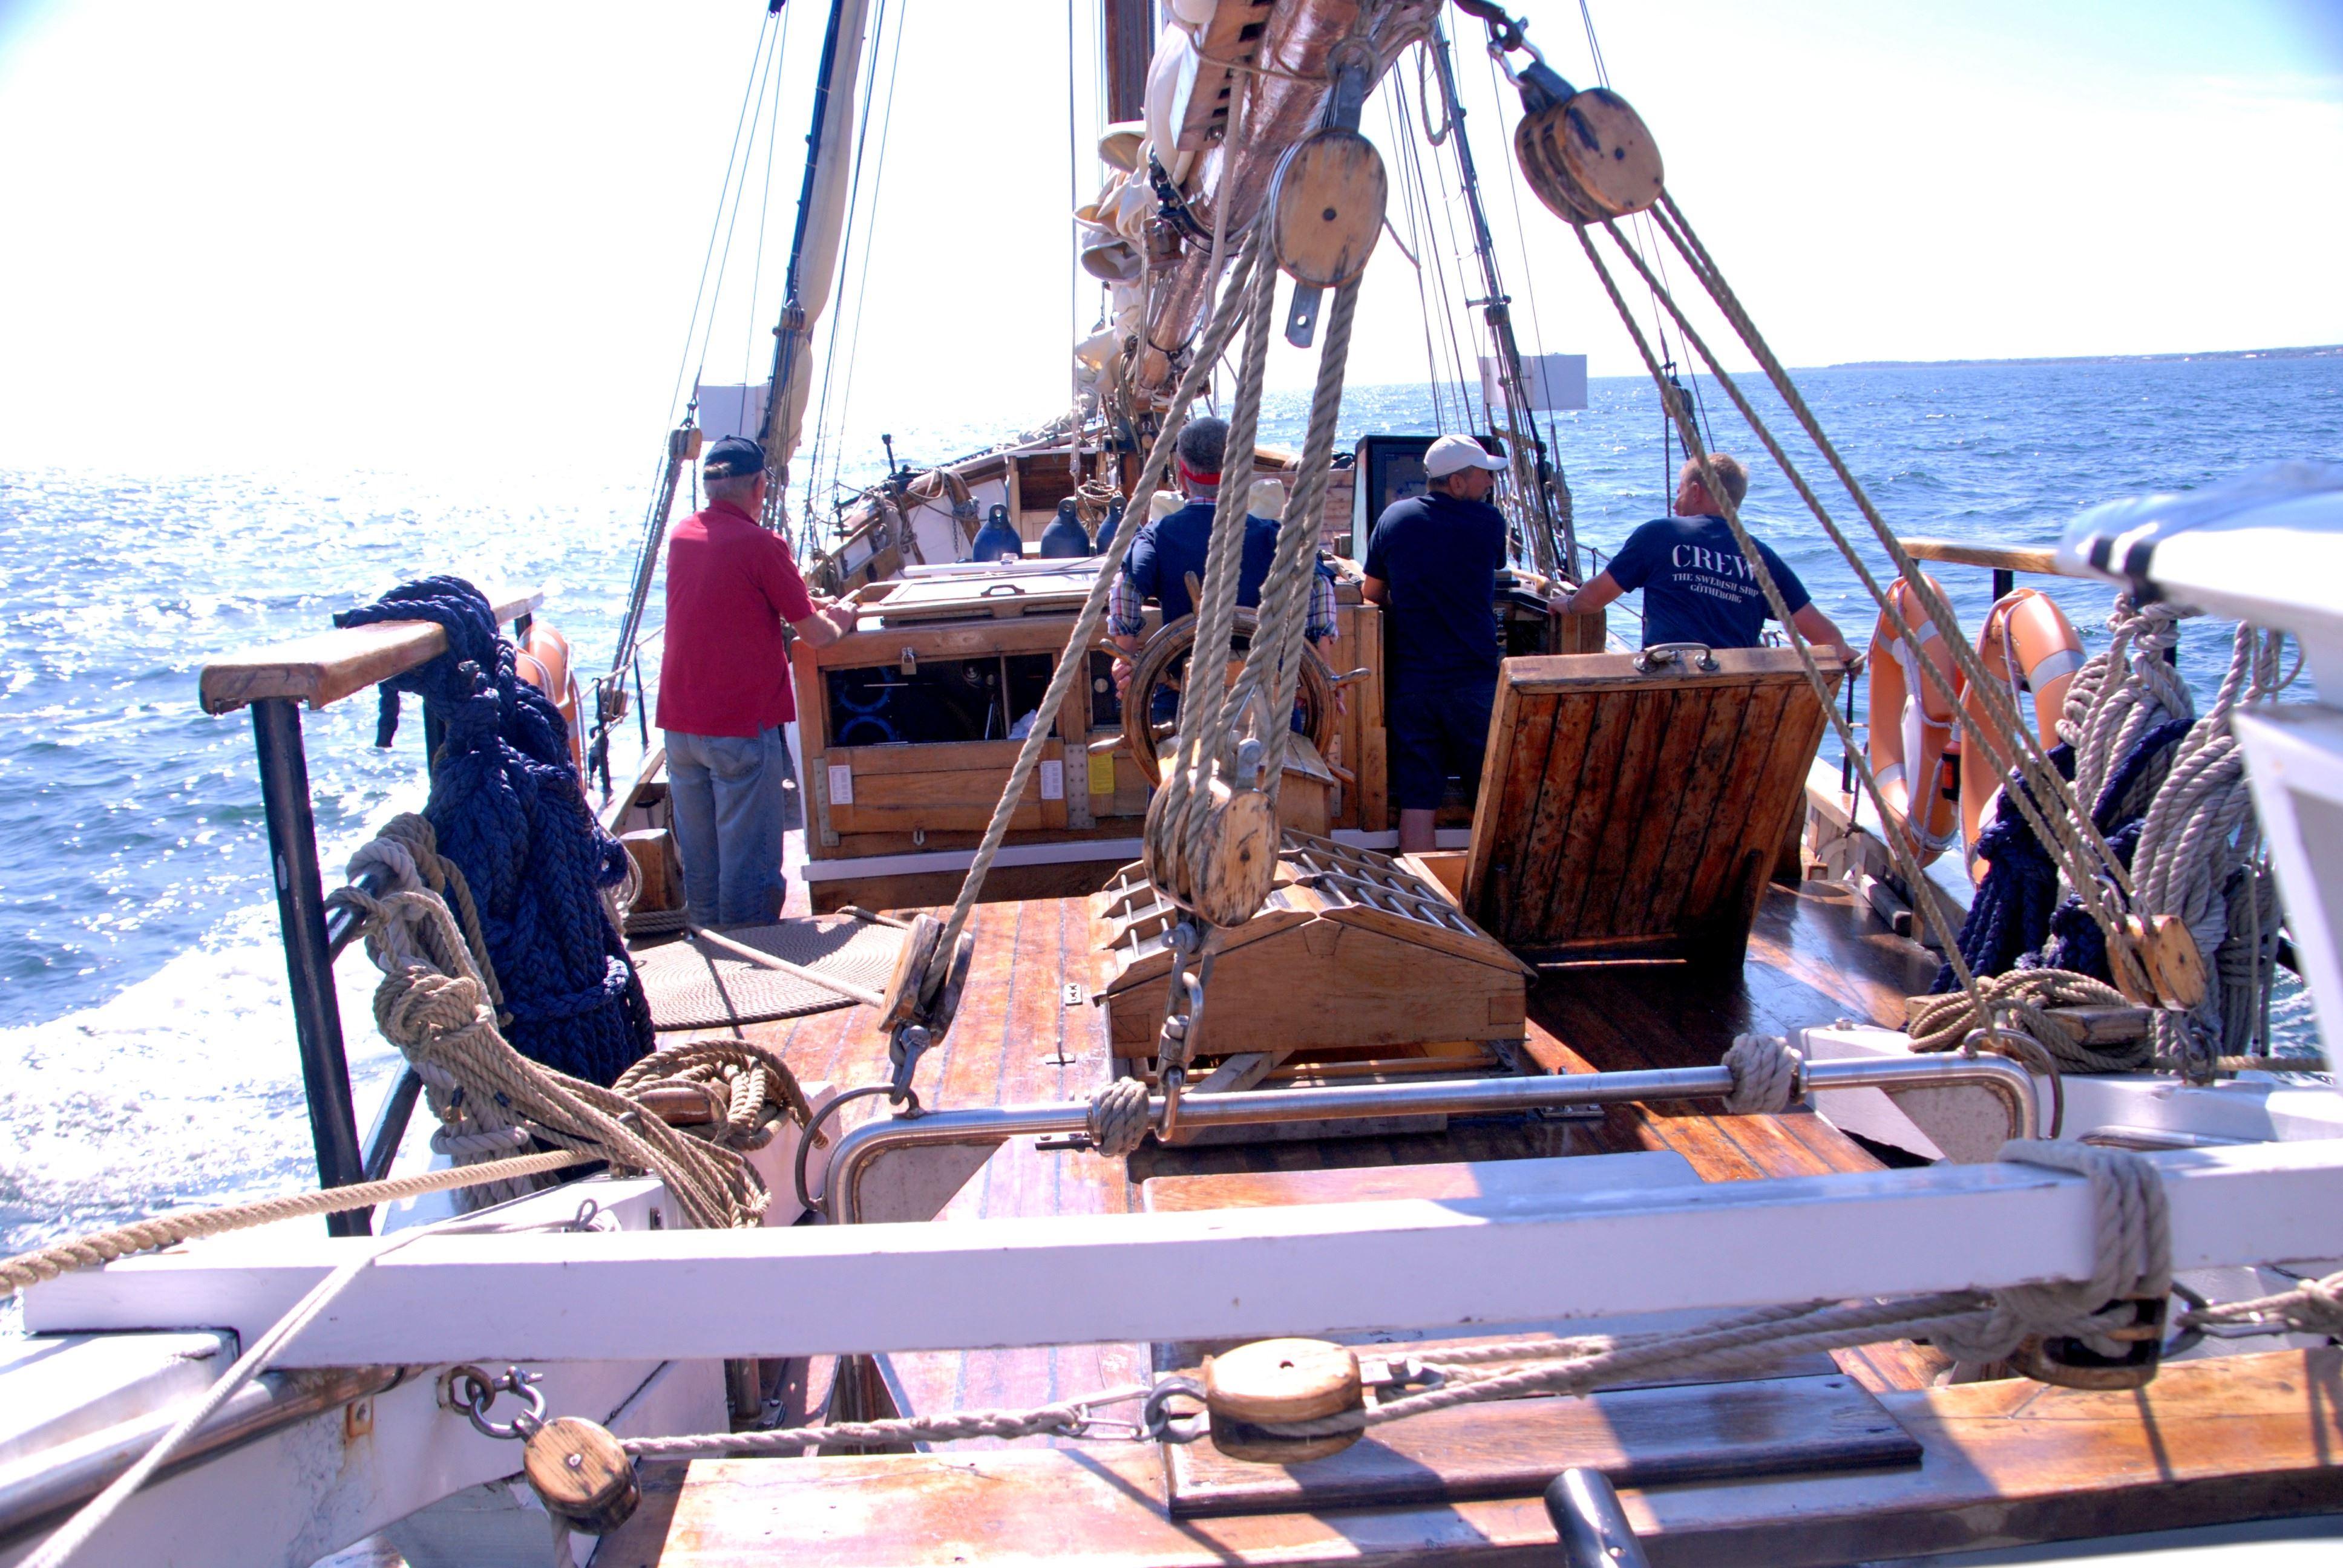 Afternoon sejlads fra Branteviks port